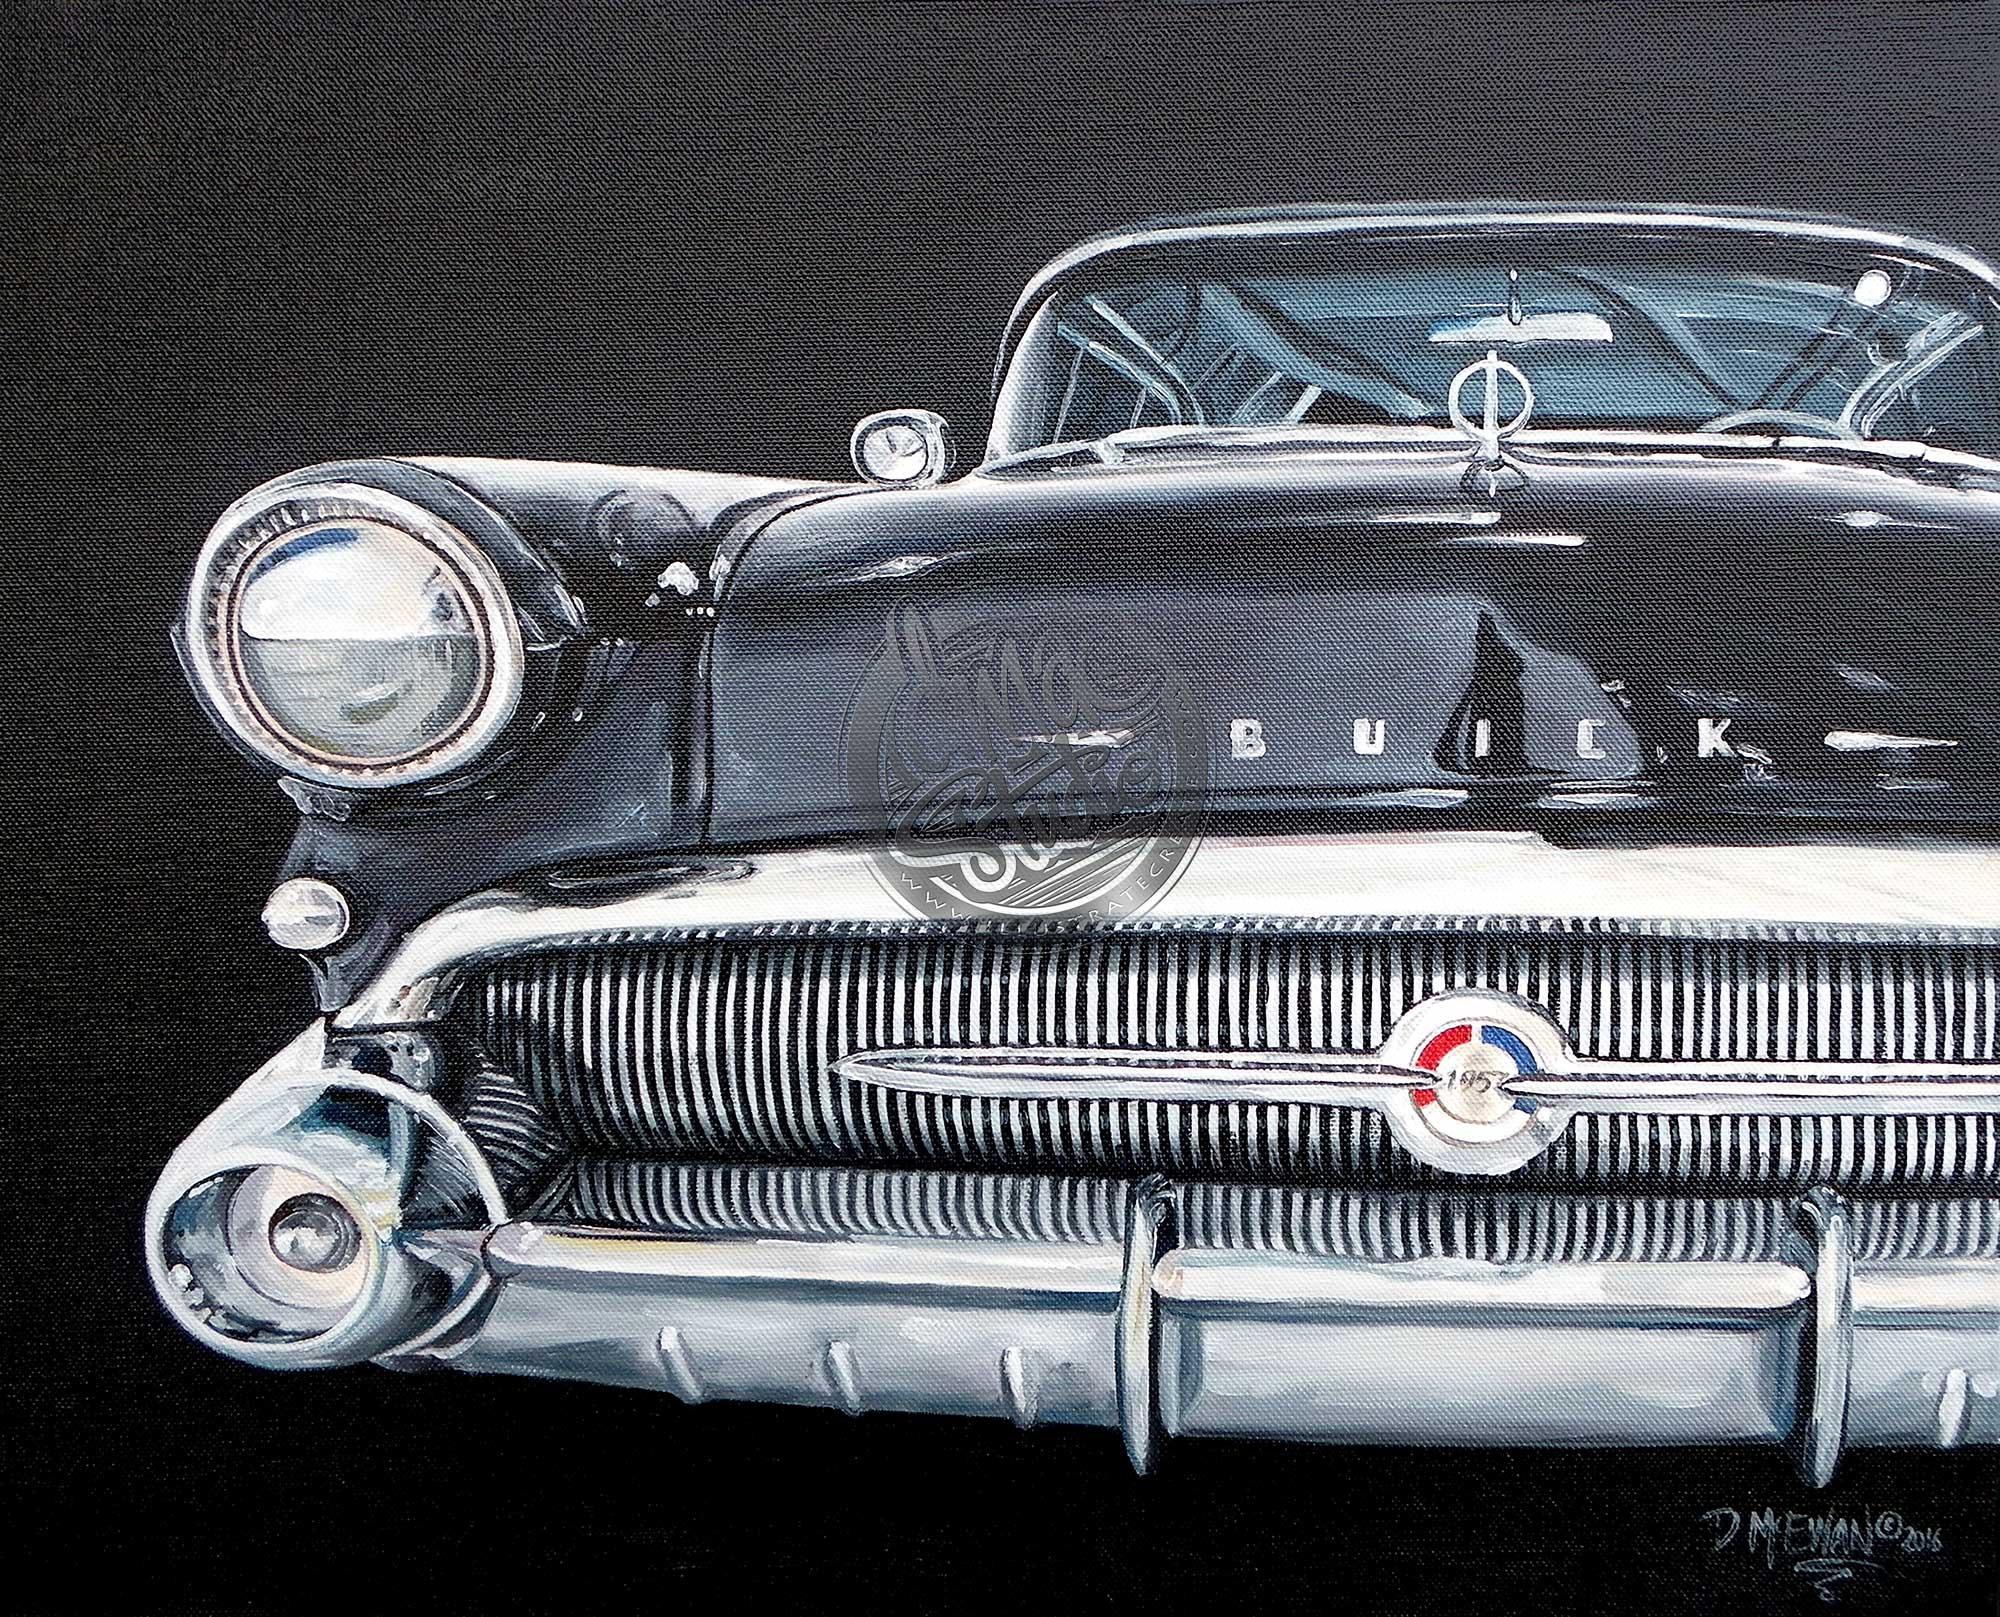 1957 Buick